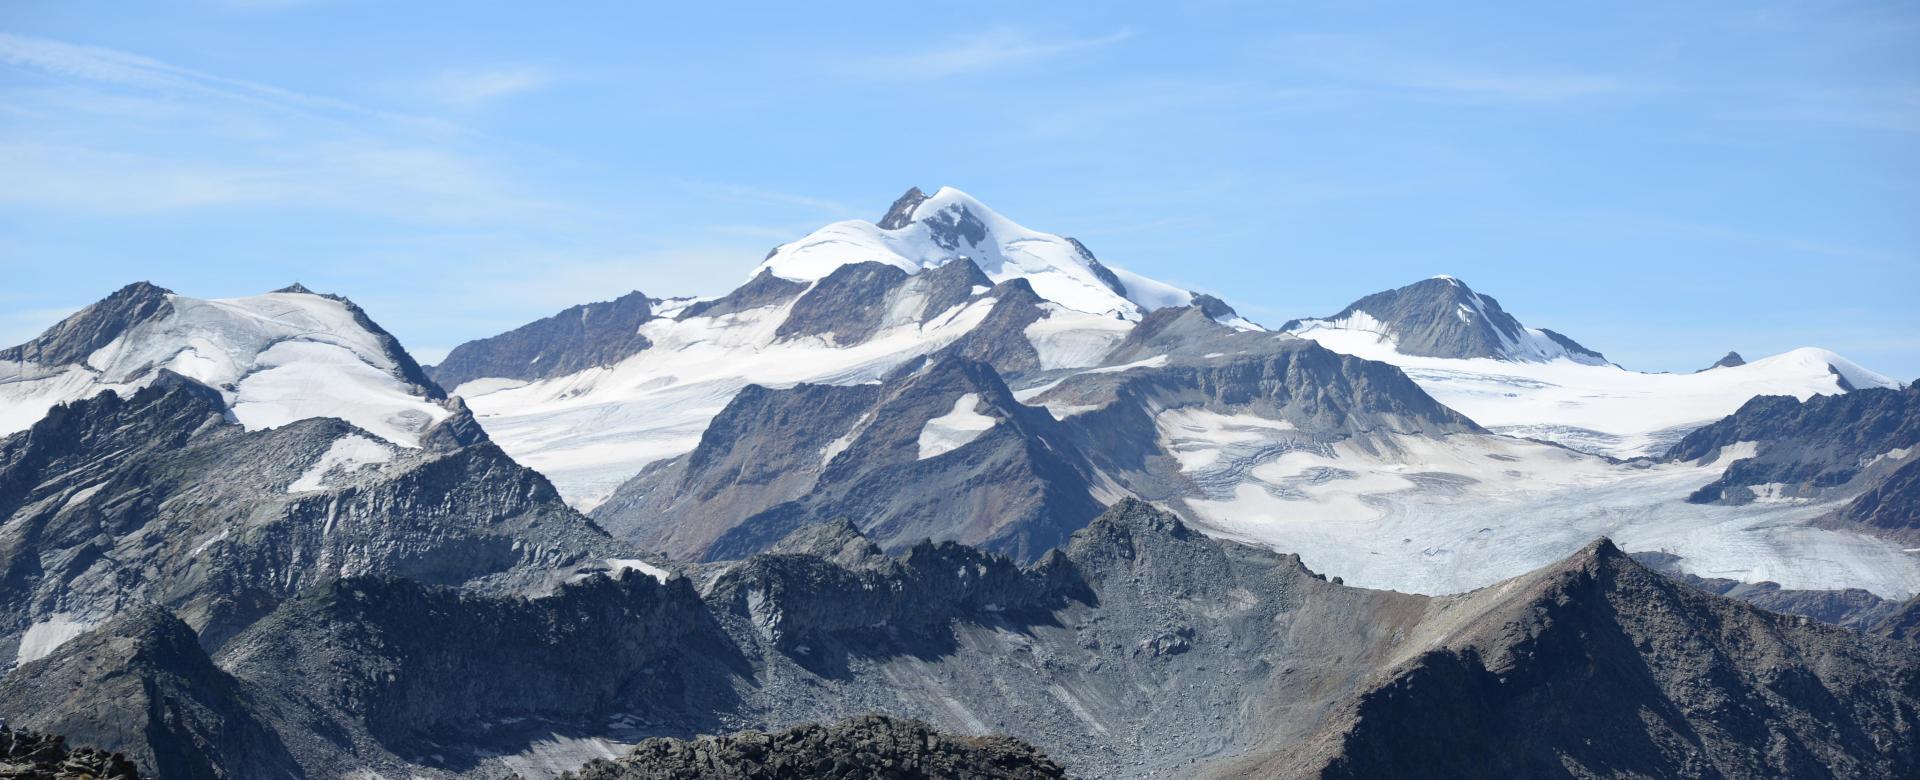 Voyage à pied : Haute route du tyrol